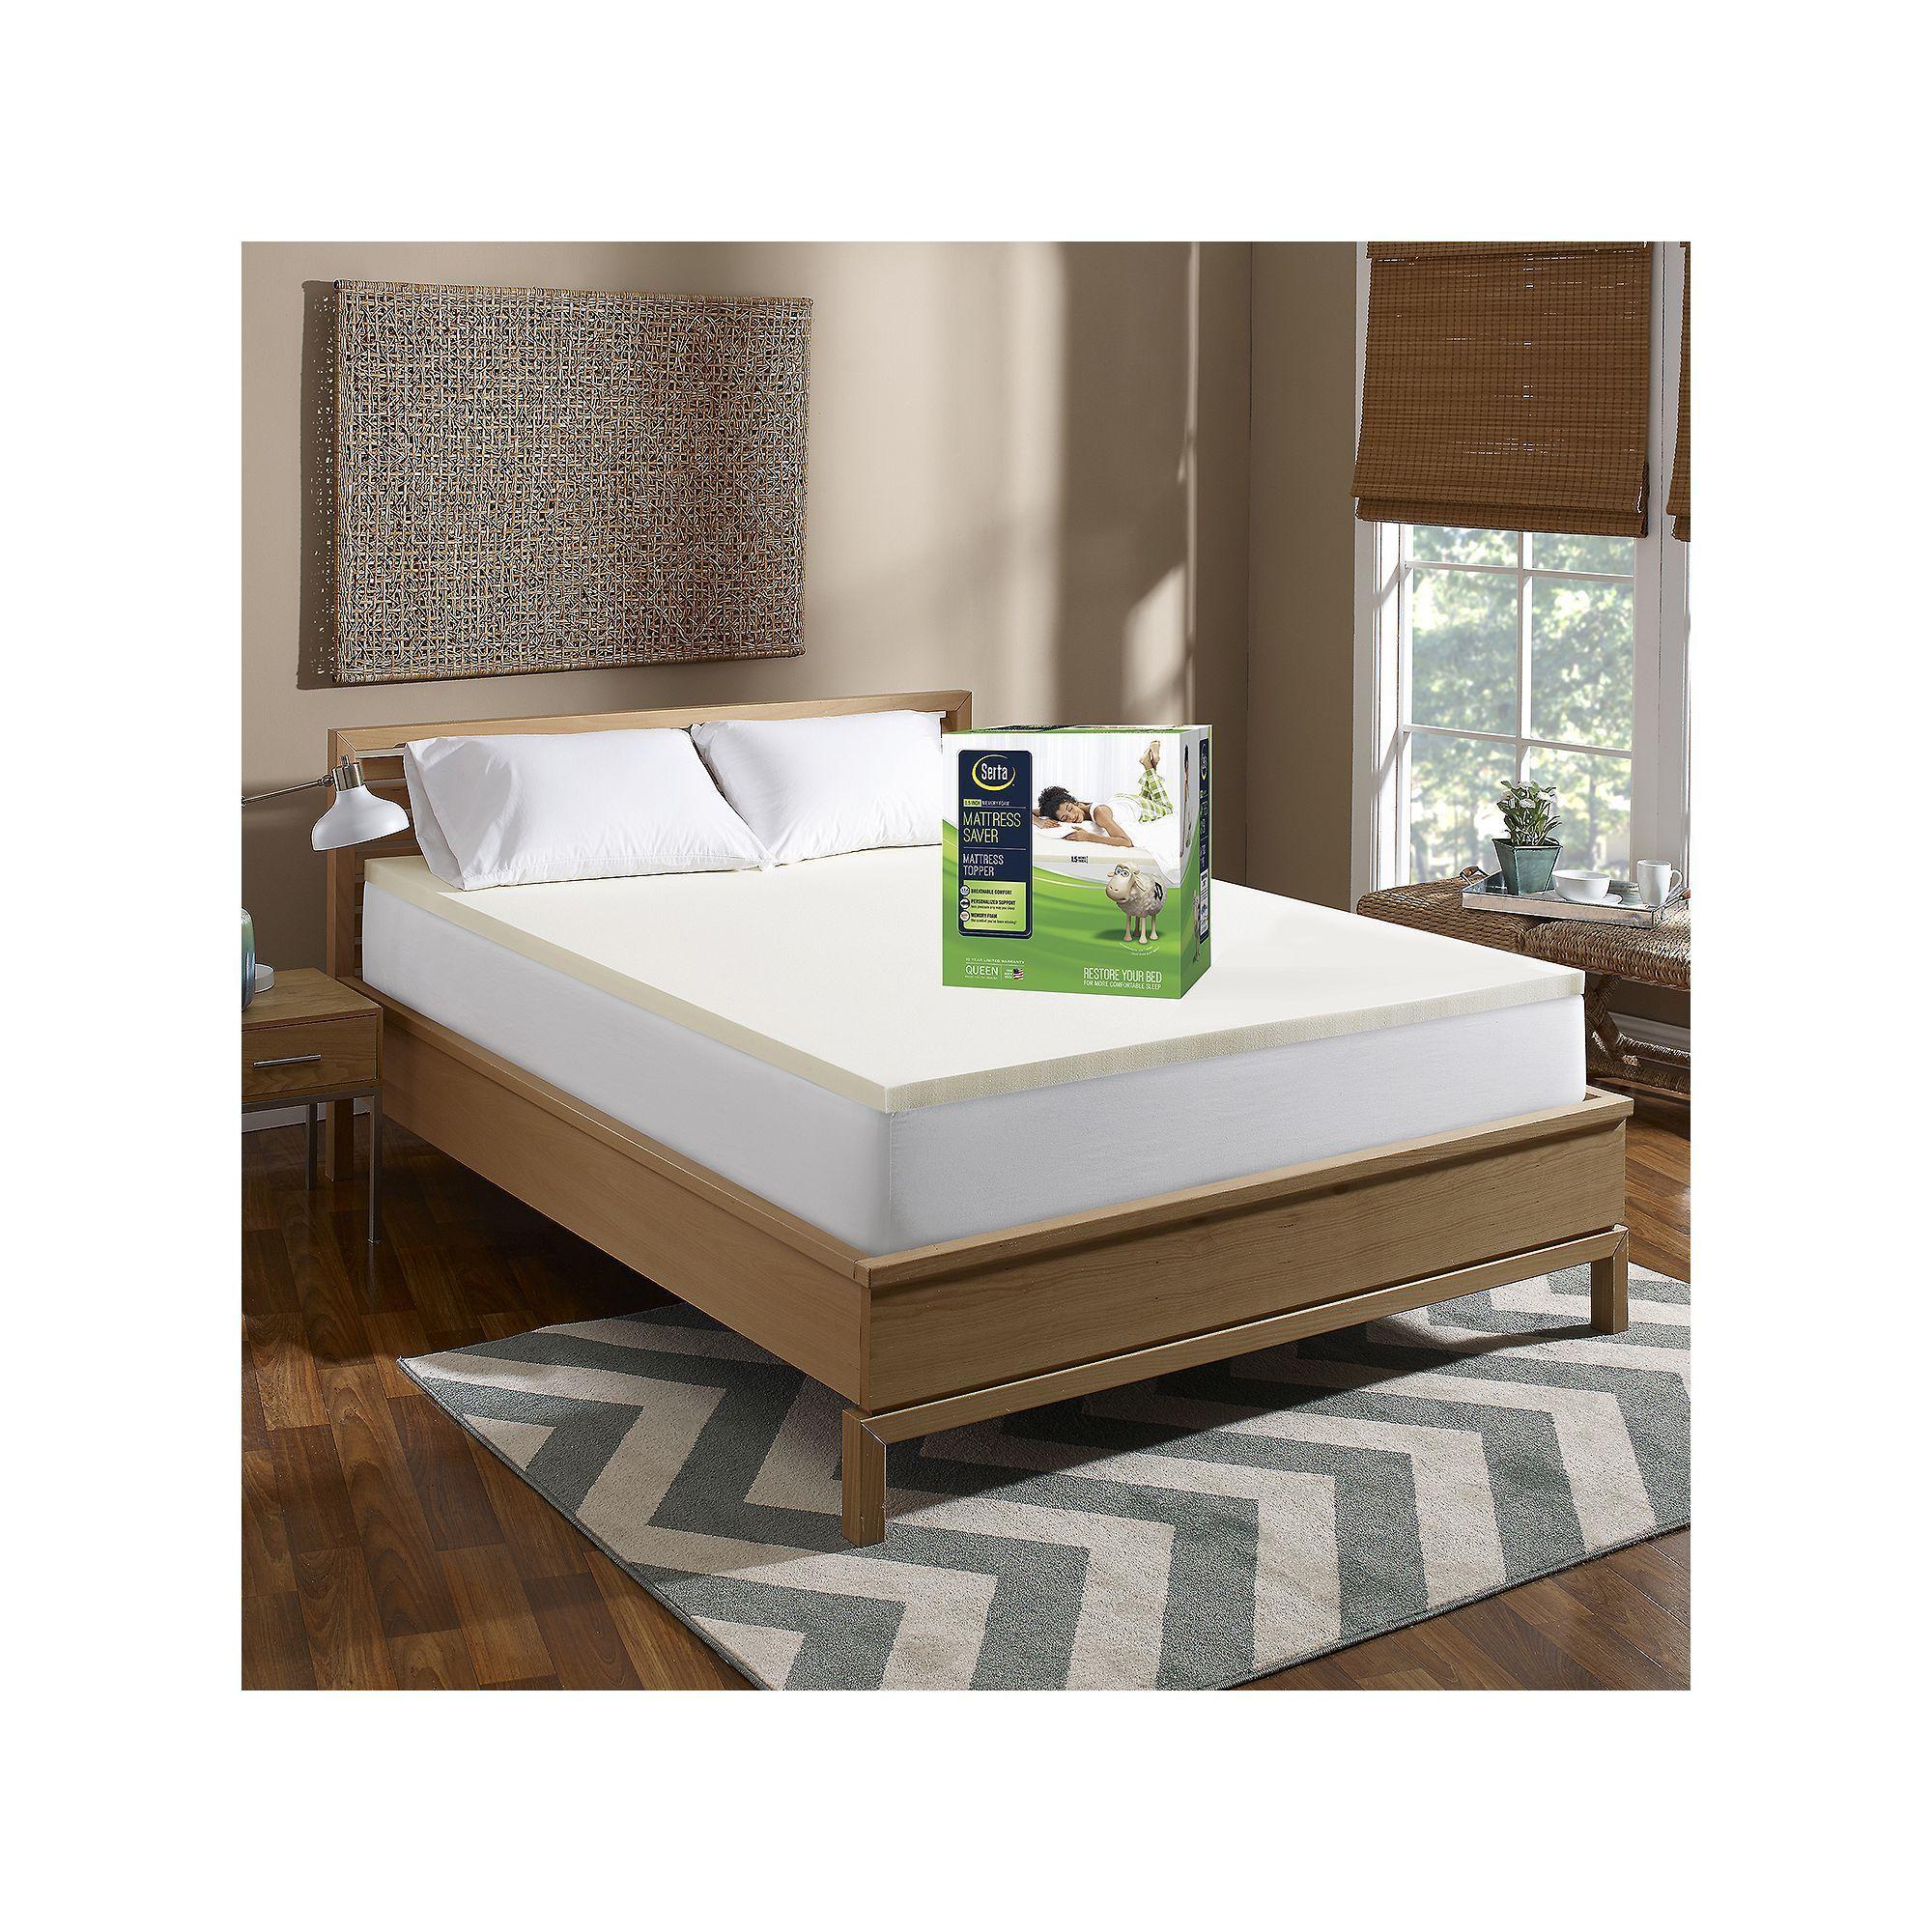 1 5 Inch Memory Foam Mattress Topper Full Size Bed